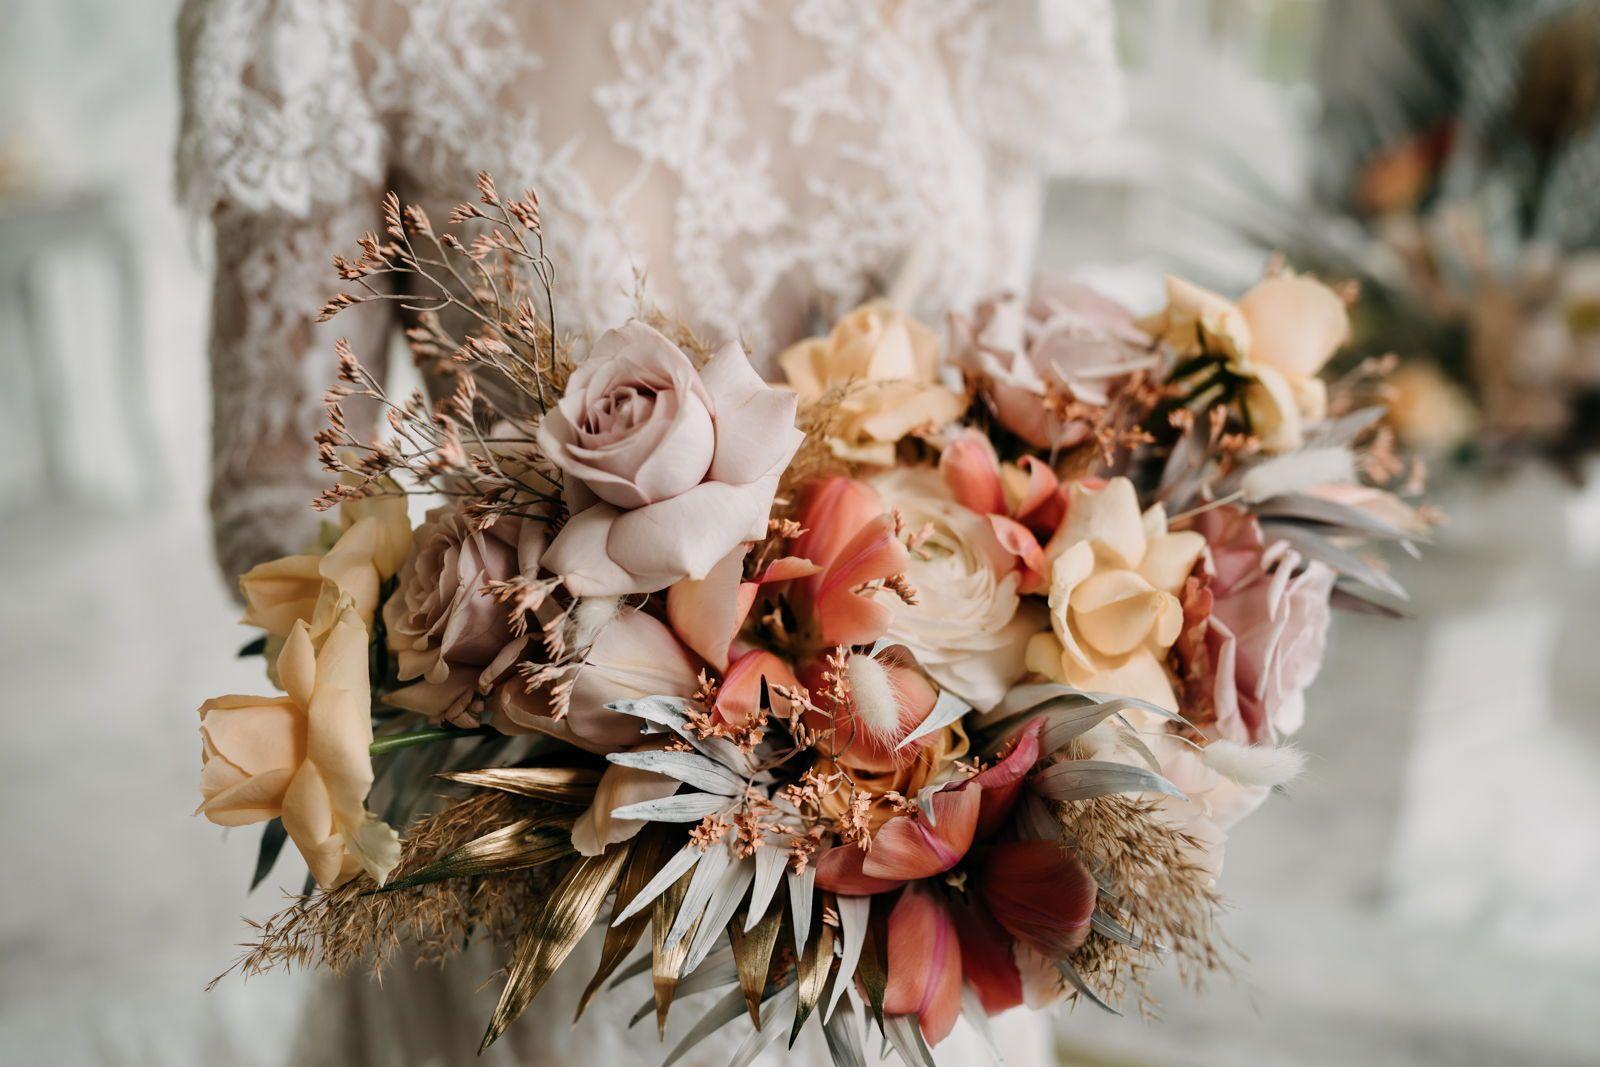 Hochzeitsblog, Brautstrauß